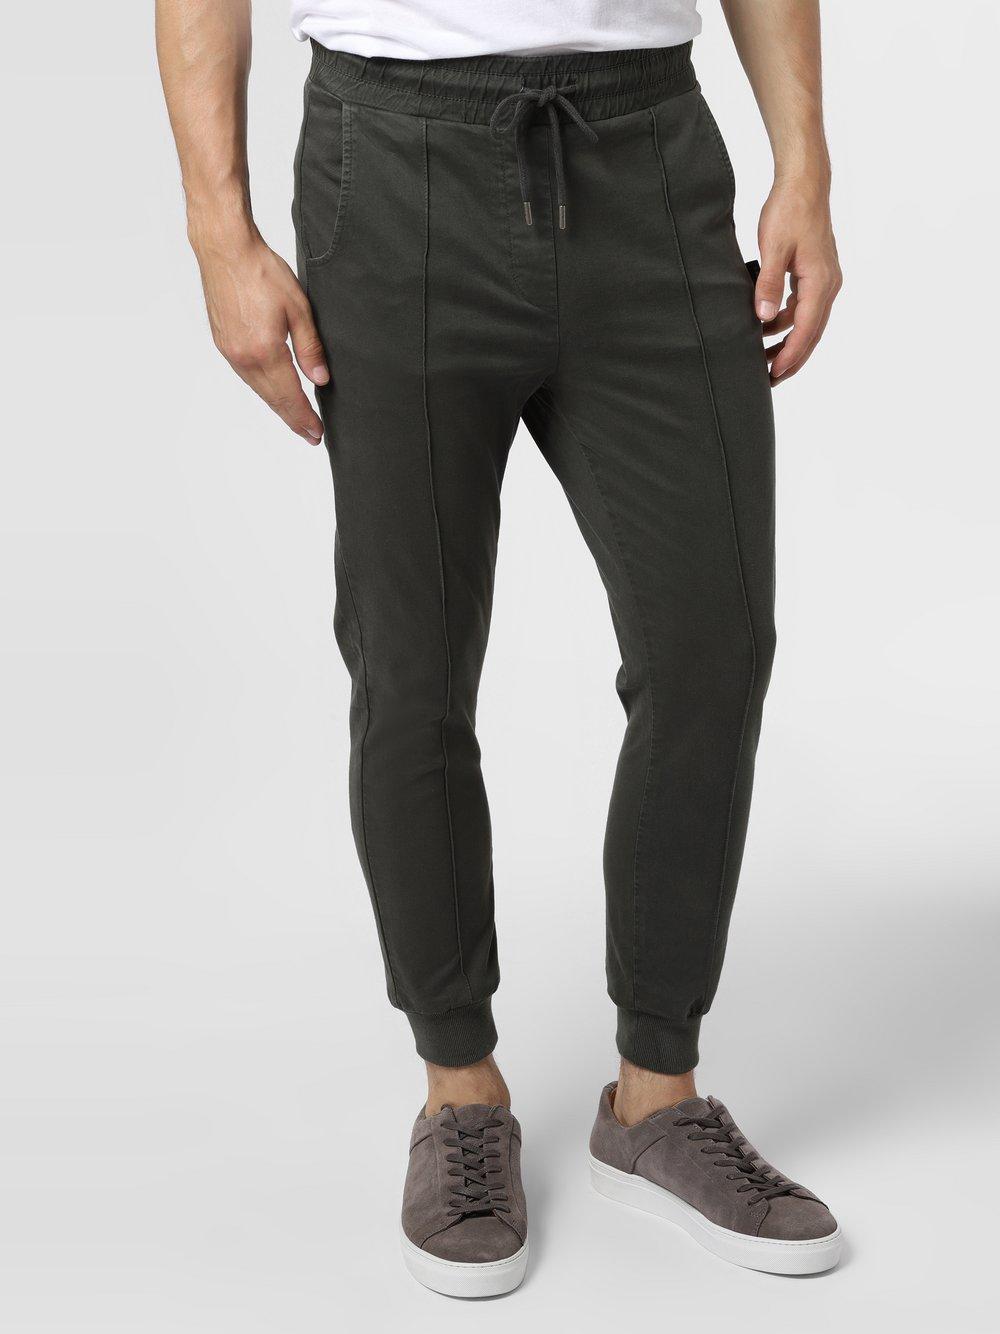 BE EDGY – Spodnie męskie – BELunik, zielony Van Graaf 486035-0001-09970